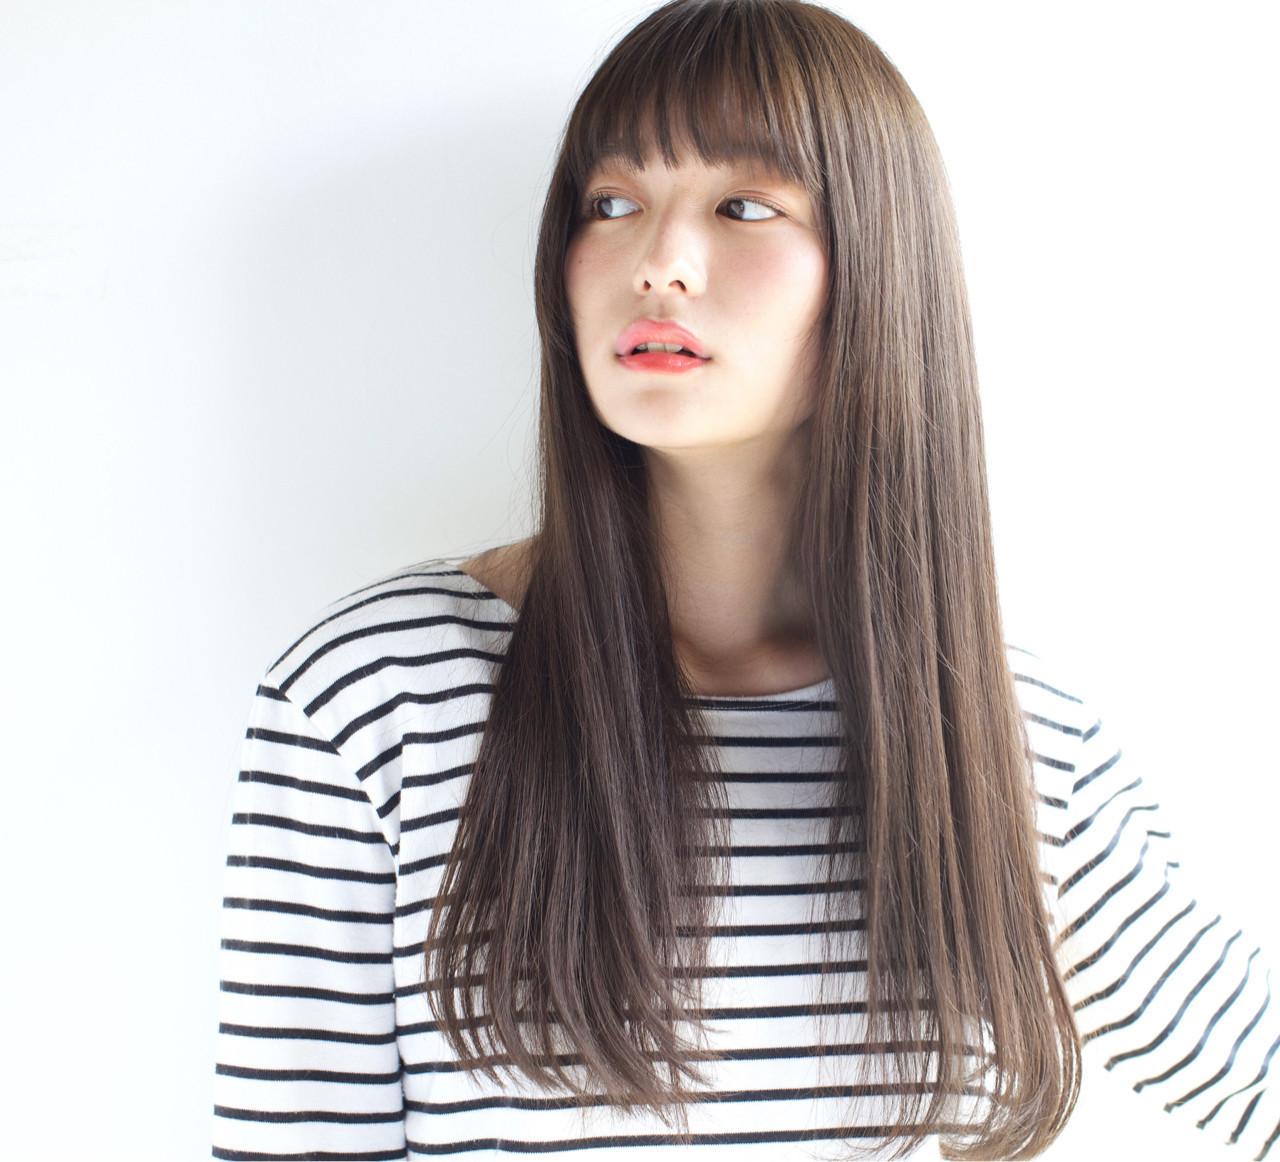 「ロングストレート」で女度高まる髪型を「タイプ別」に紹介します♡の8枚目の画像